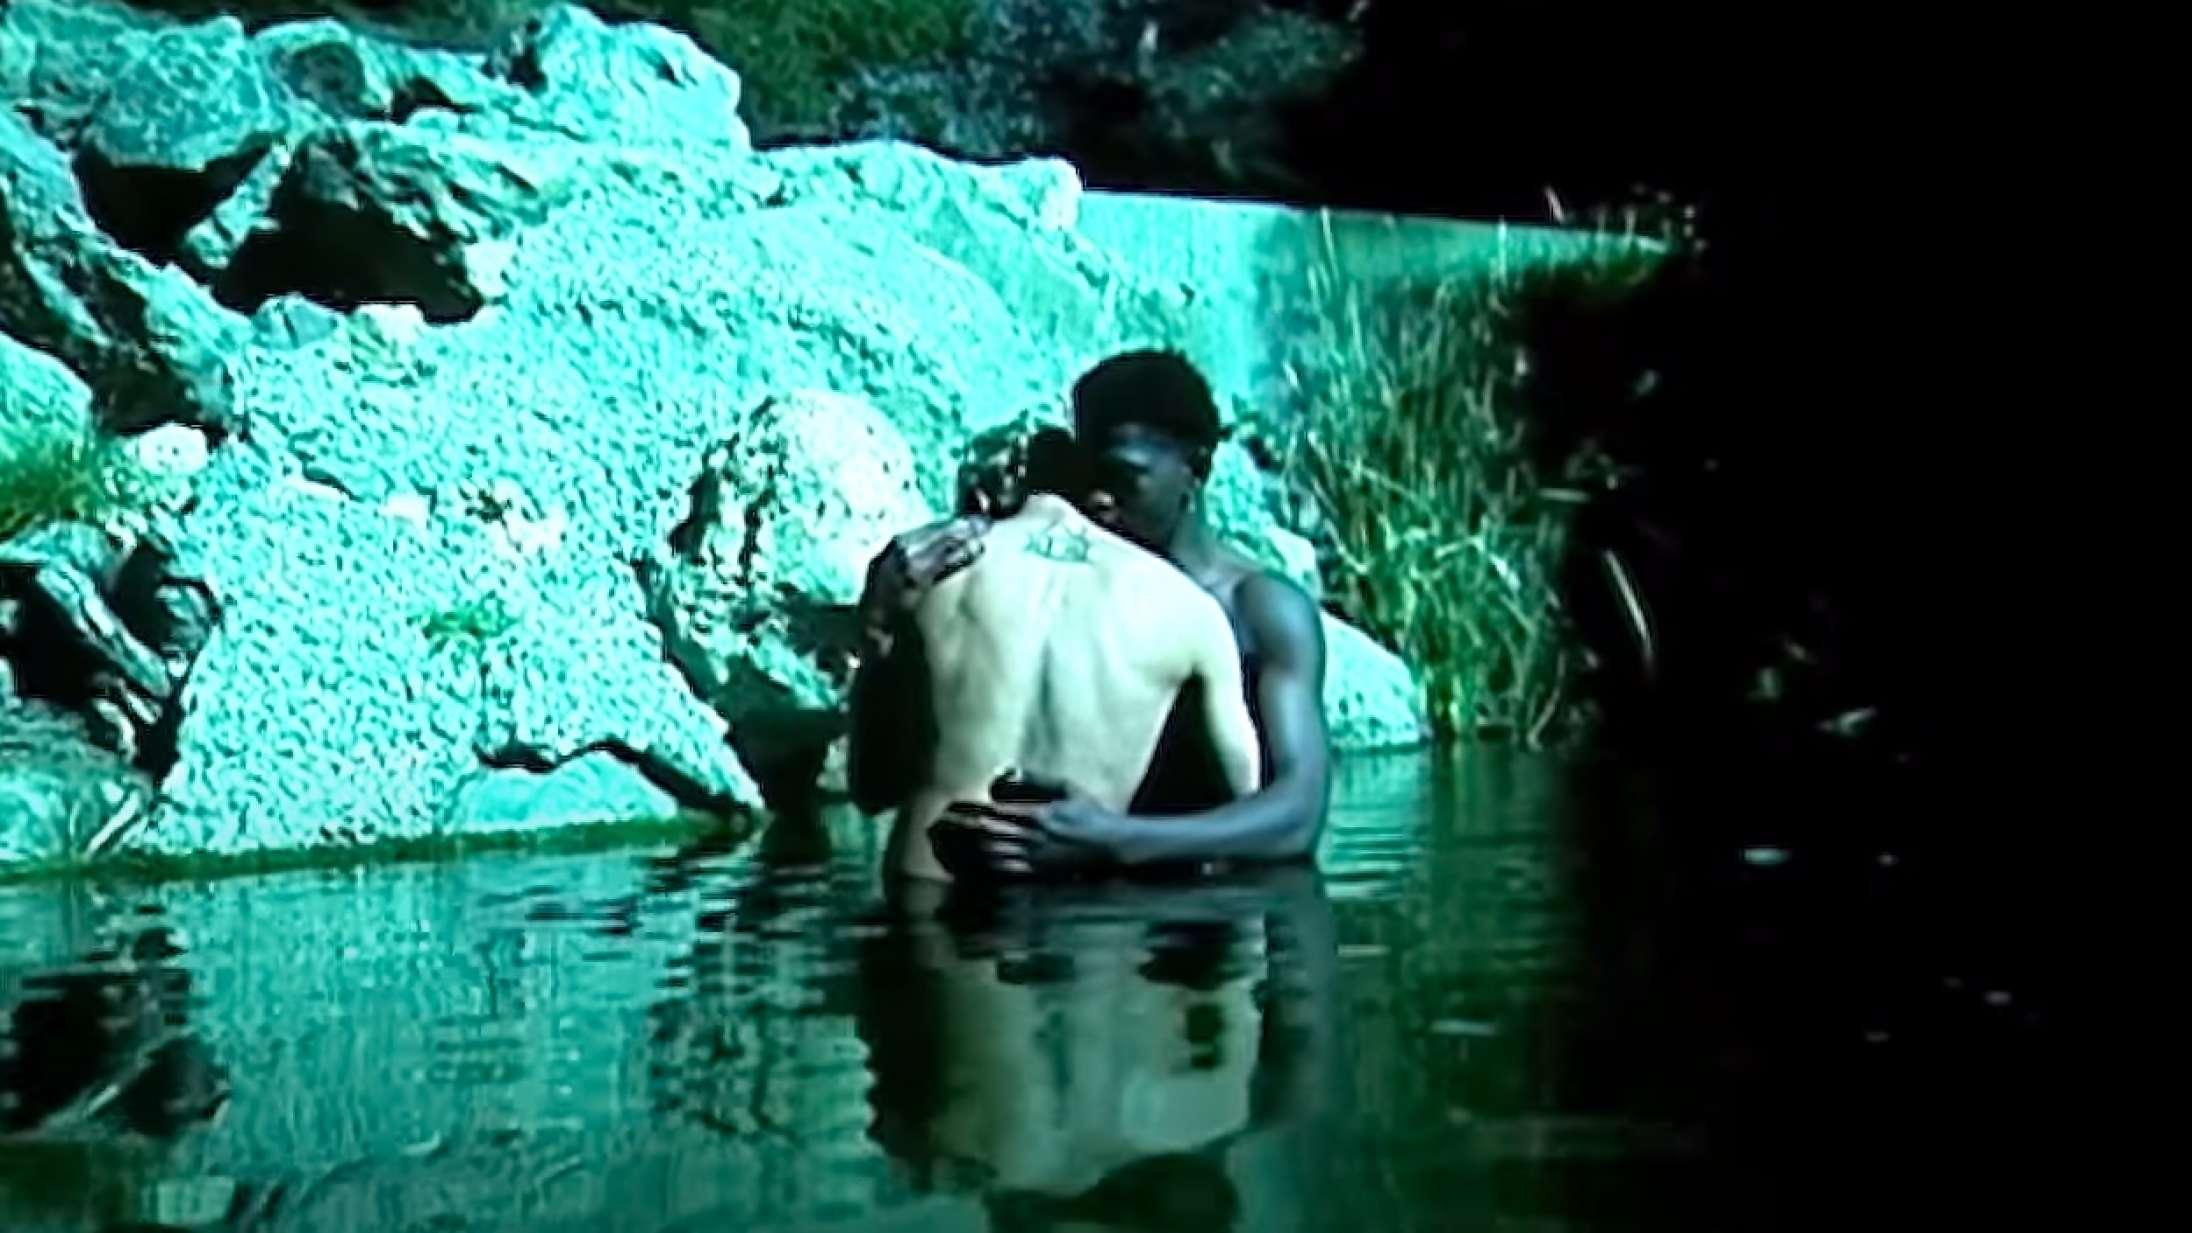 Nøgenbadning video